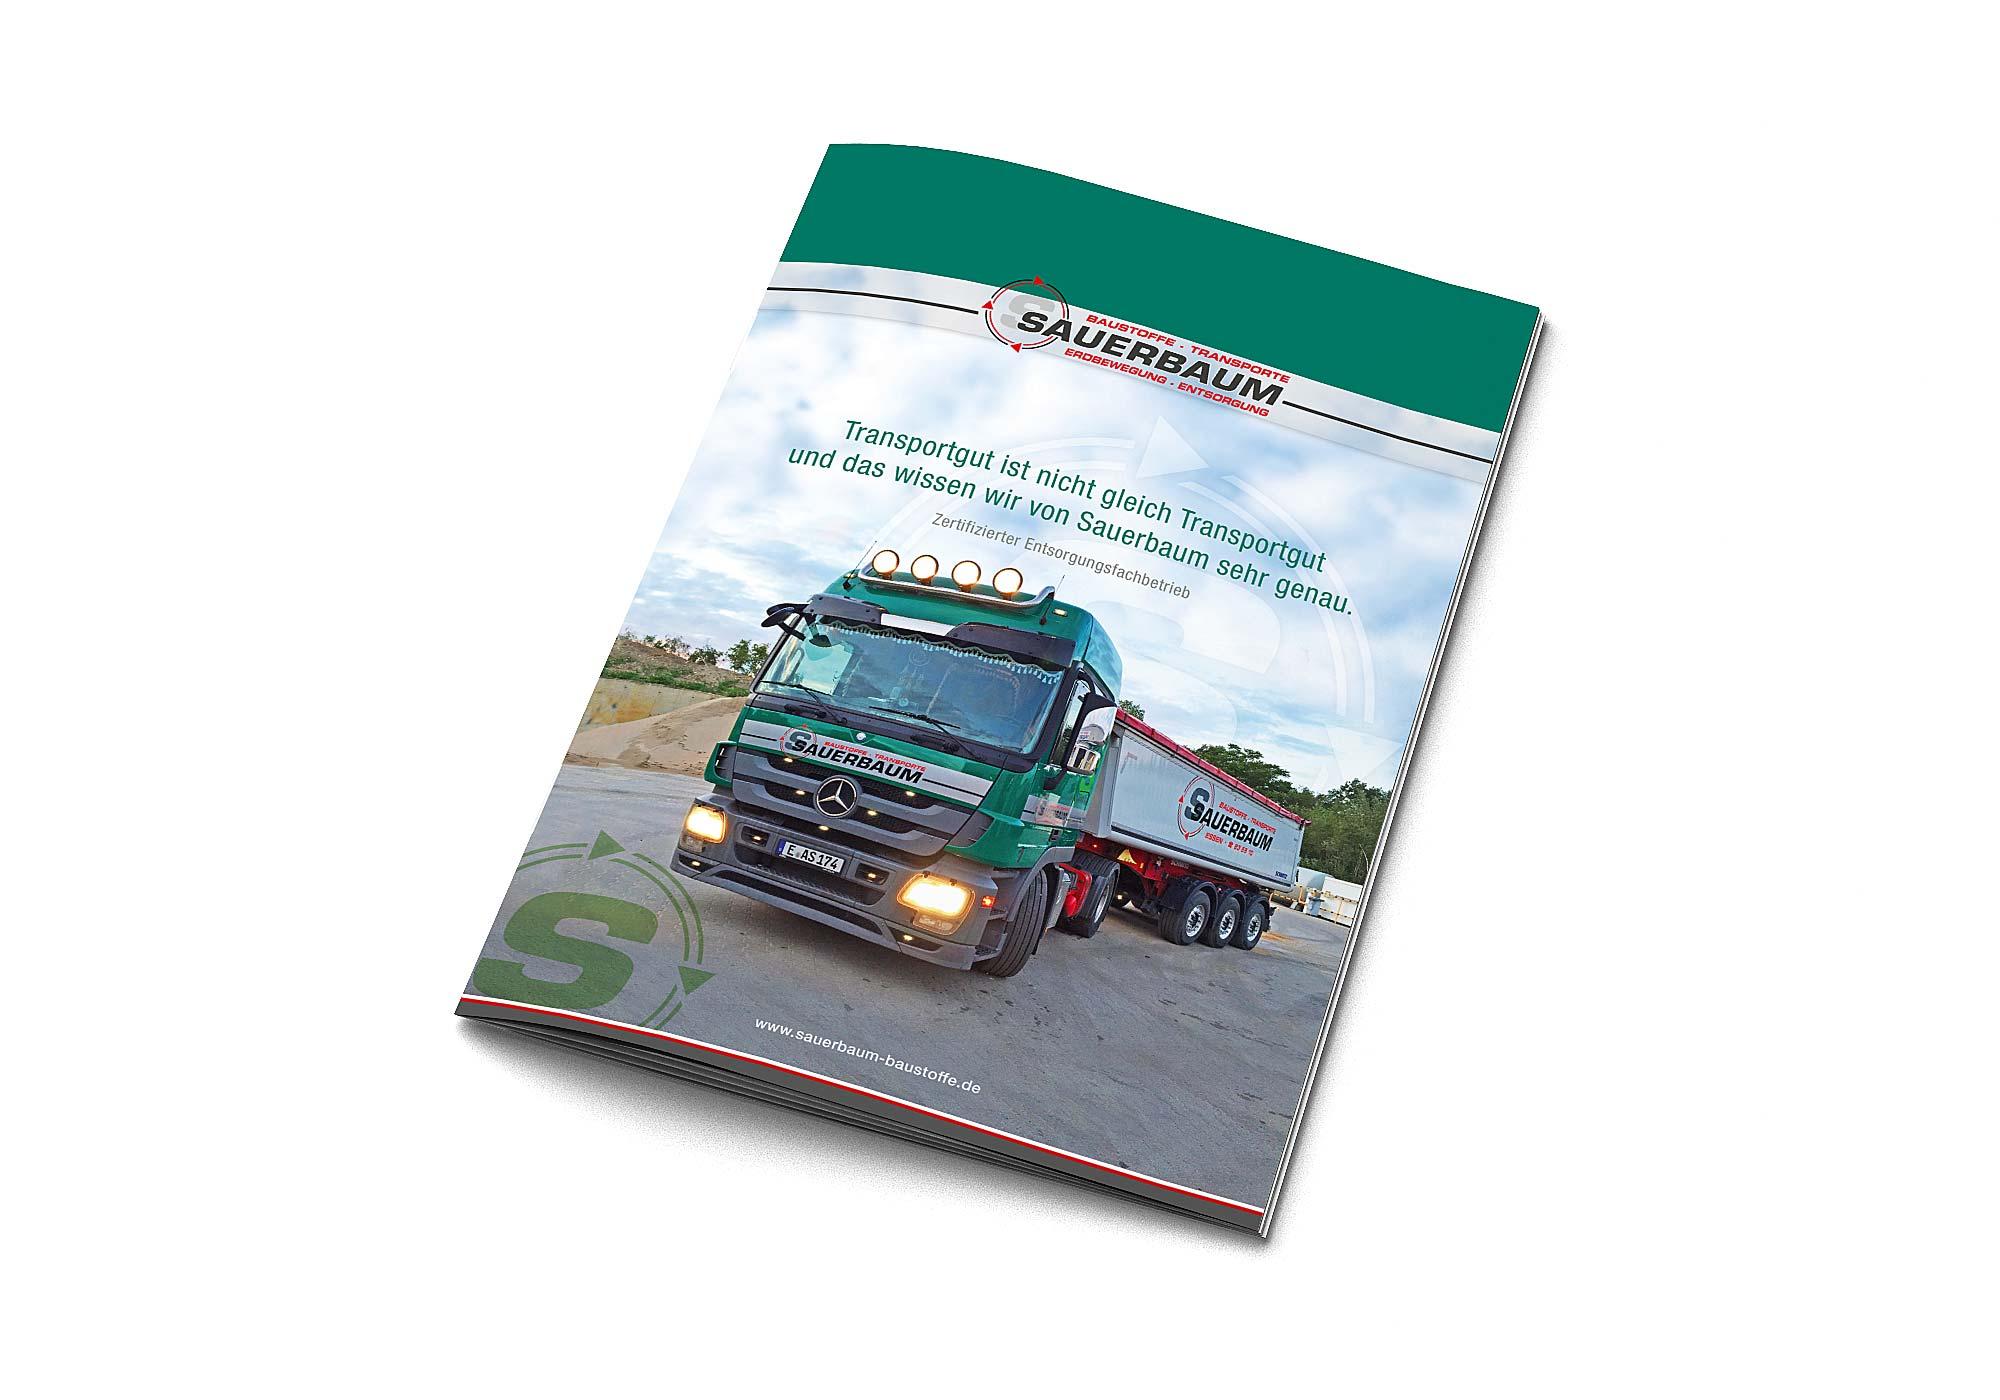 Sauerbaum Baustoffe und Transporte GmbH